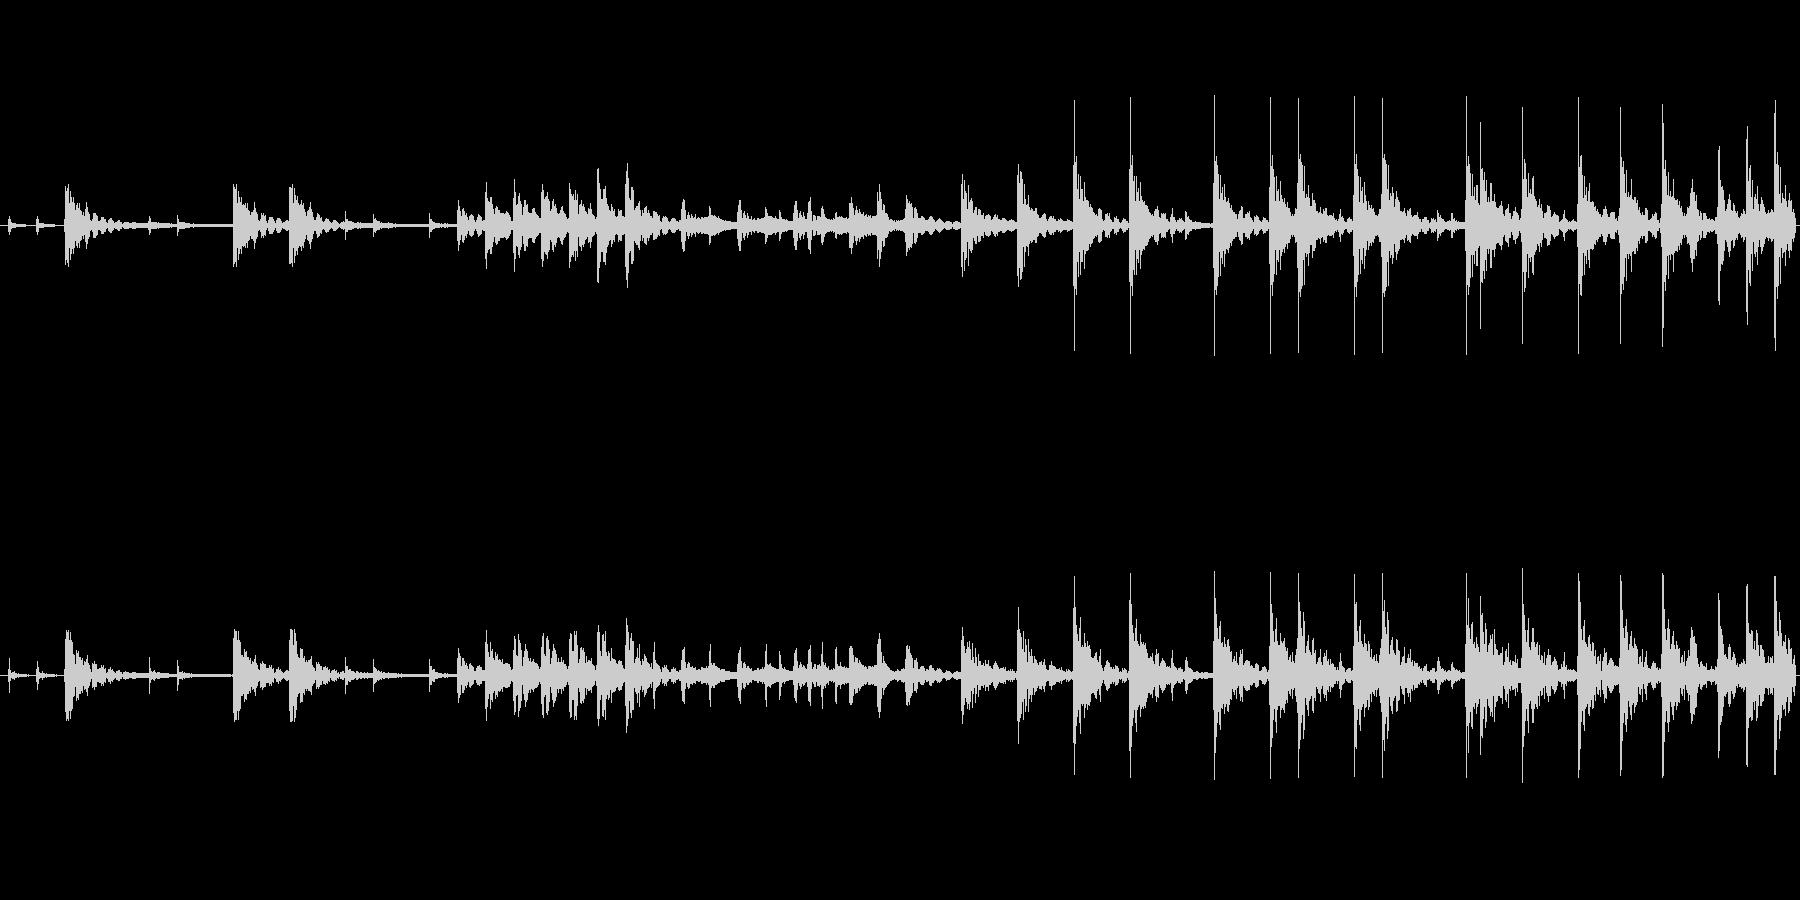 和太鼓のみのリバーブなしのループ音源バ…の未再生の波形